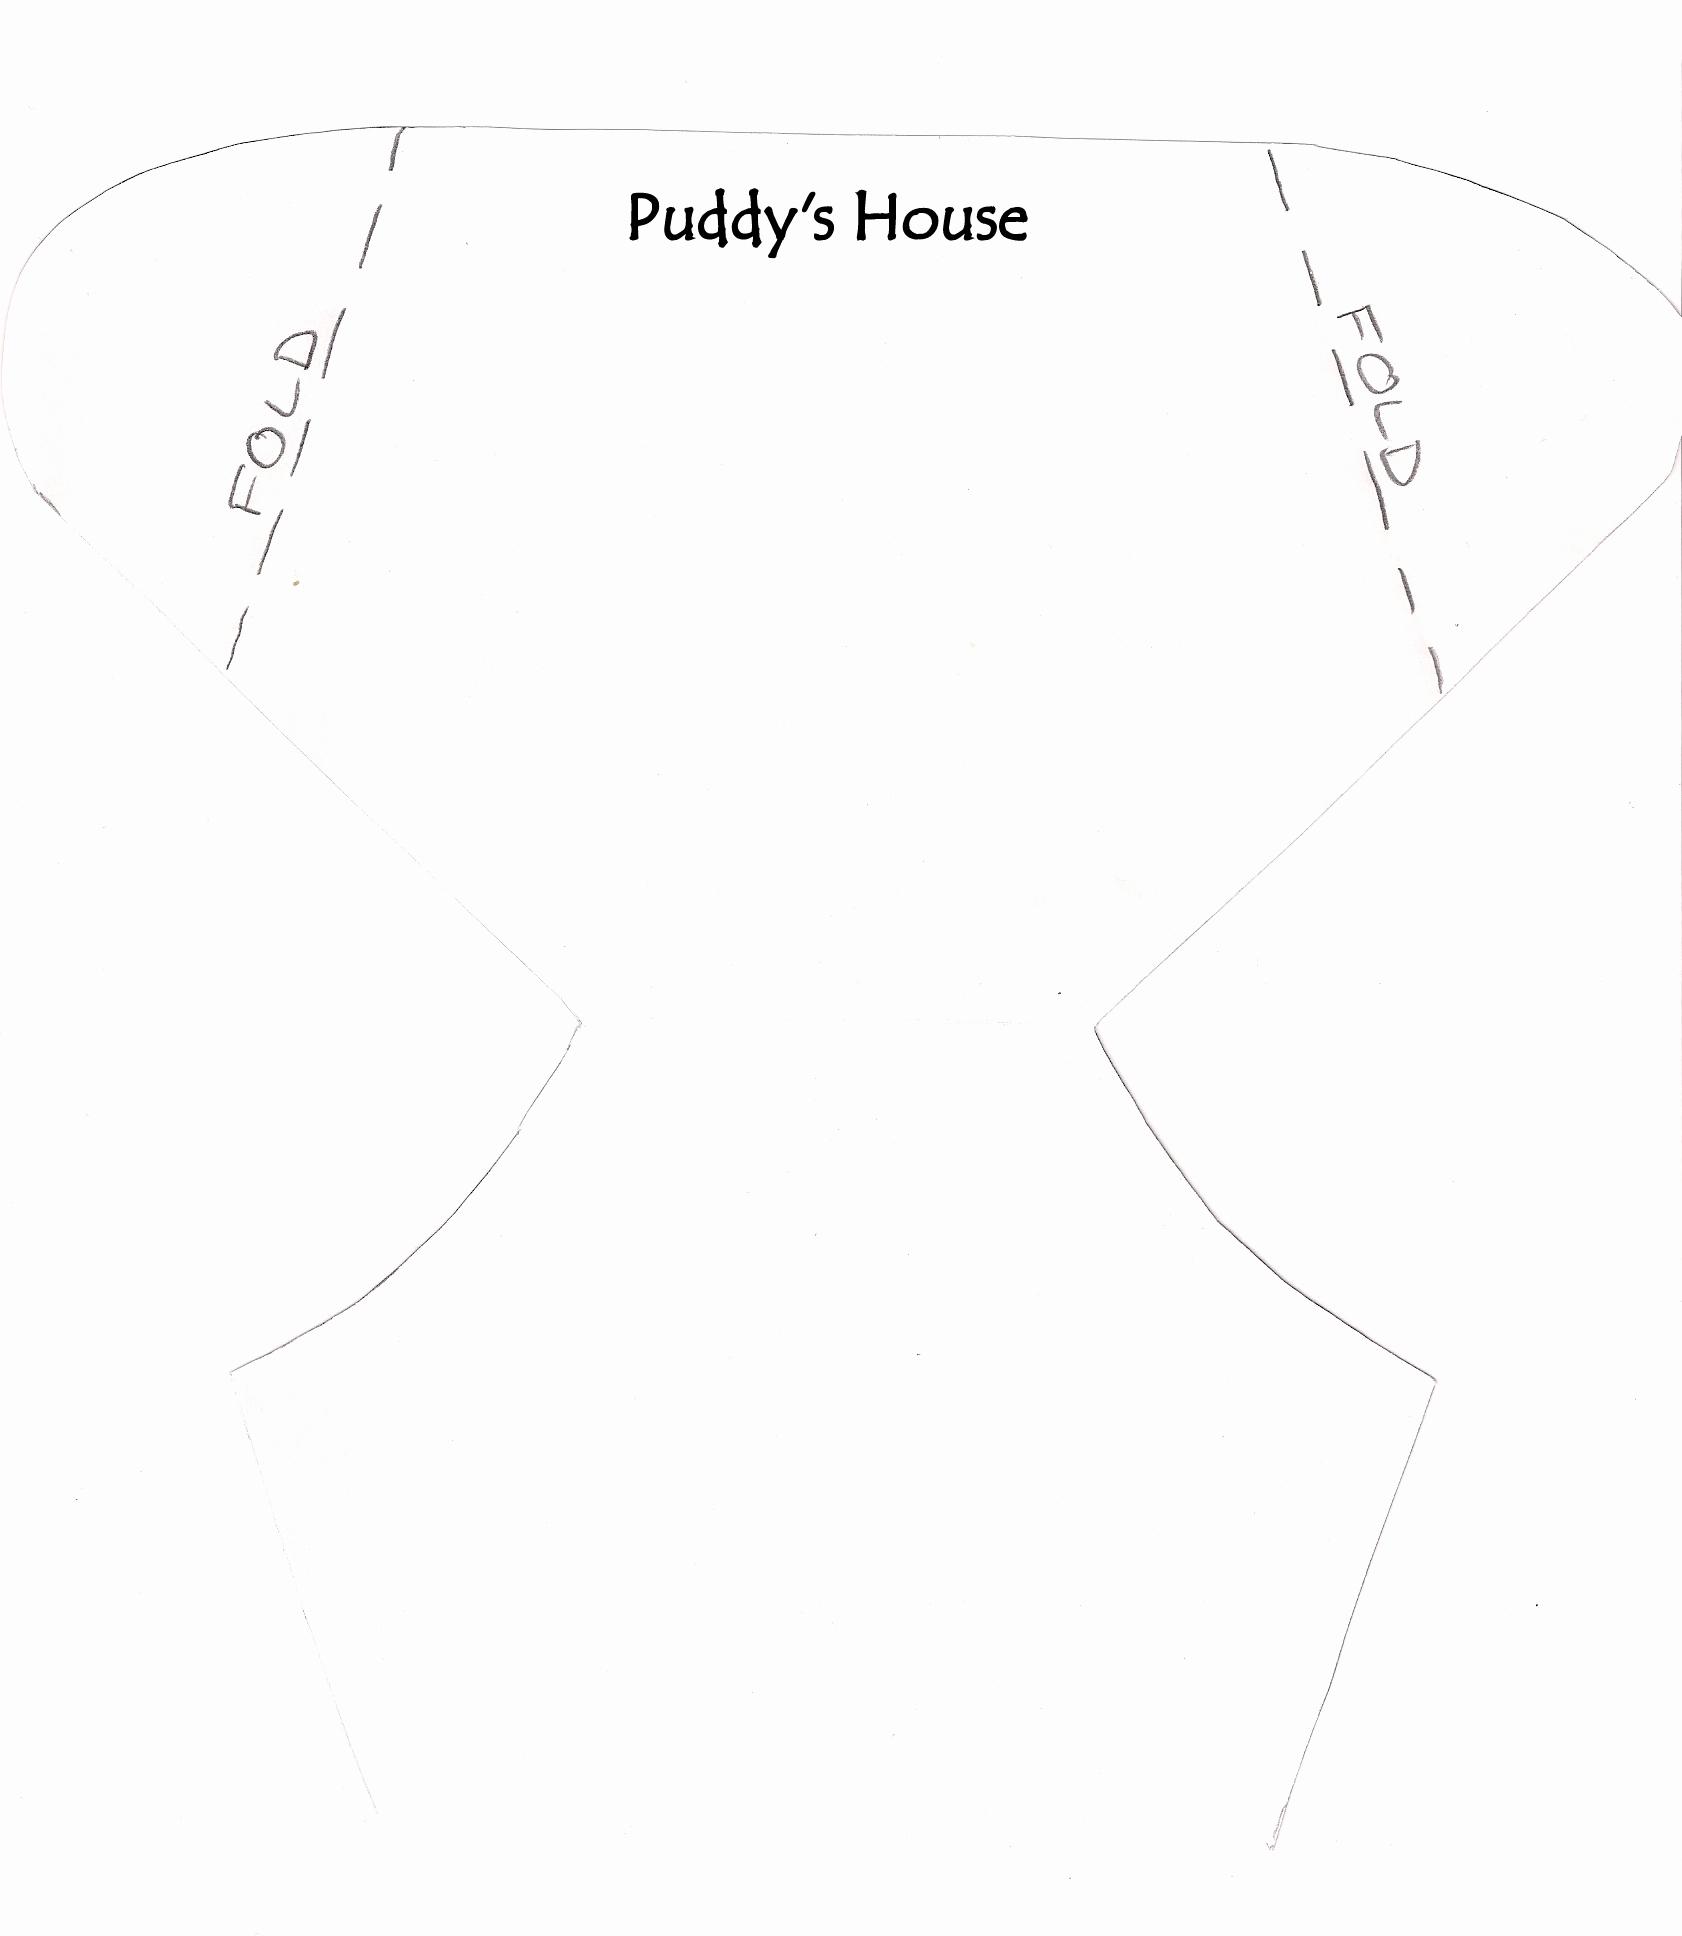 Template for Diaper Invitation Unique Diy Diaper Invitation – Puddy S House